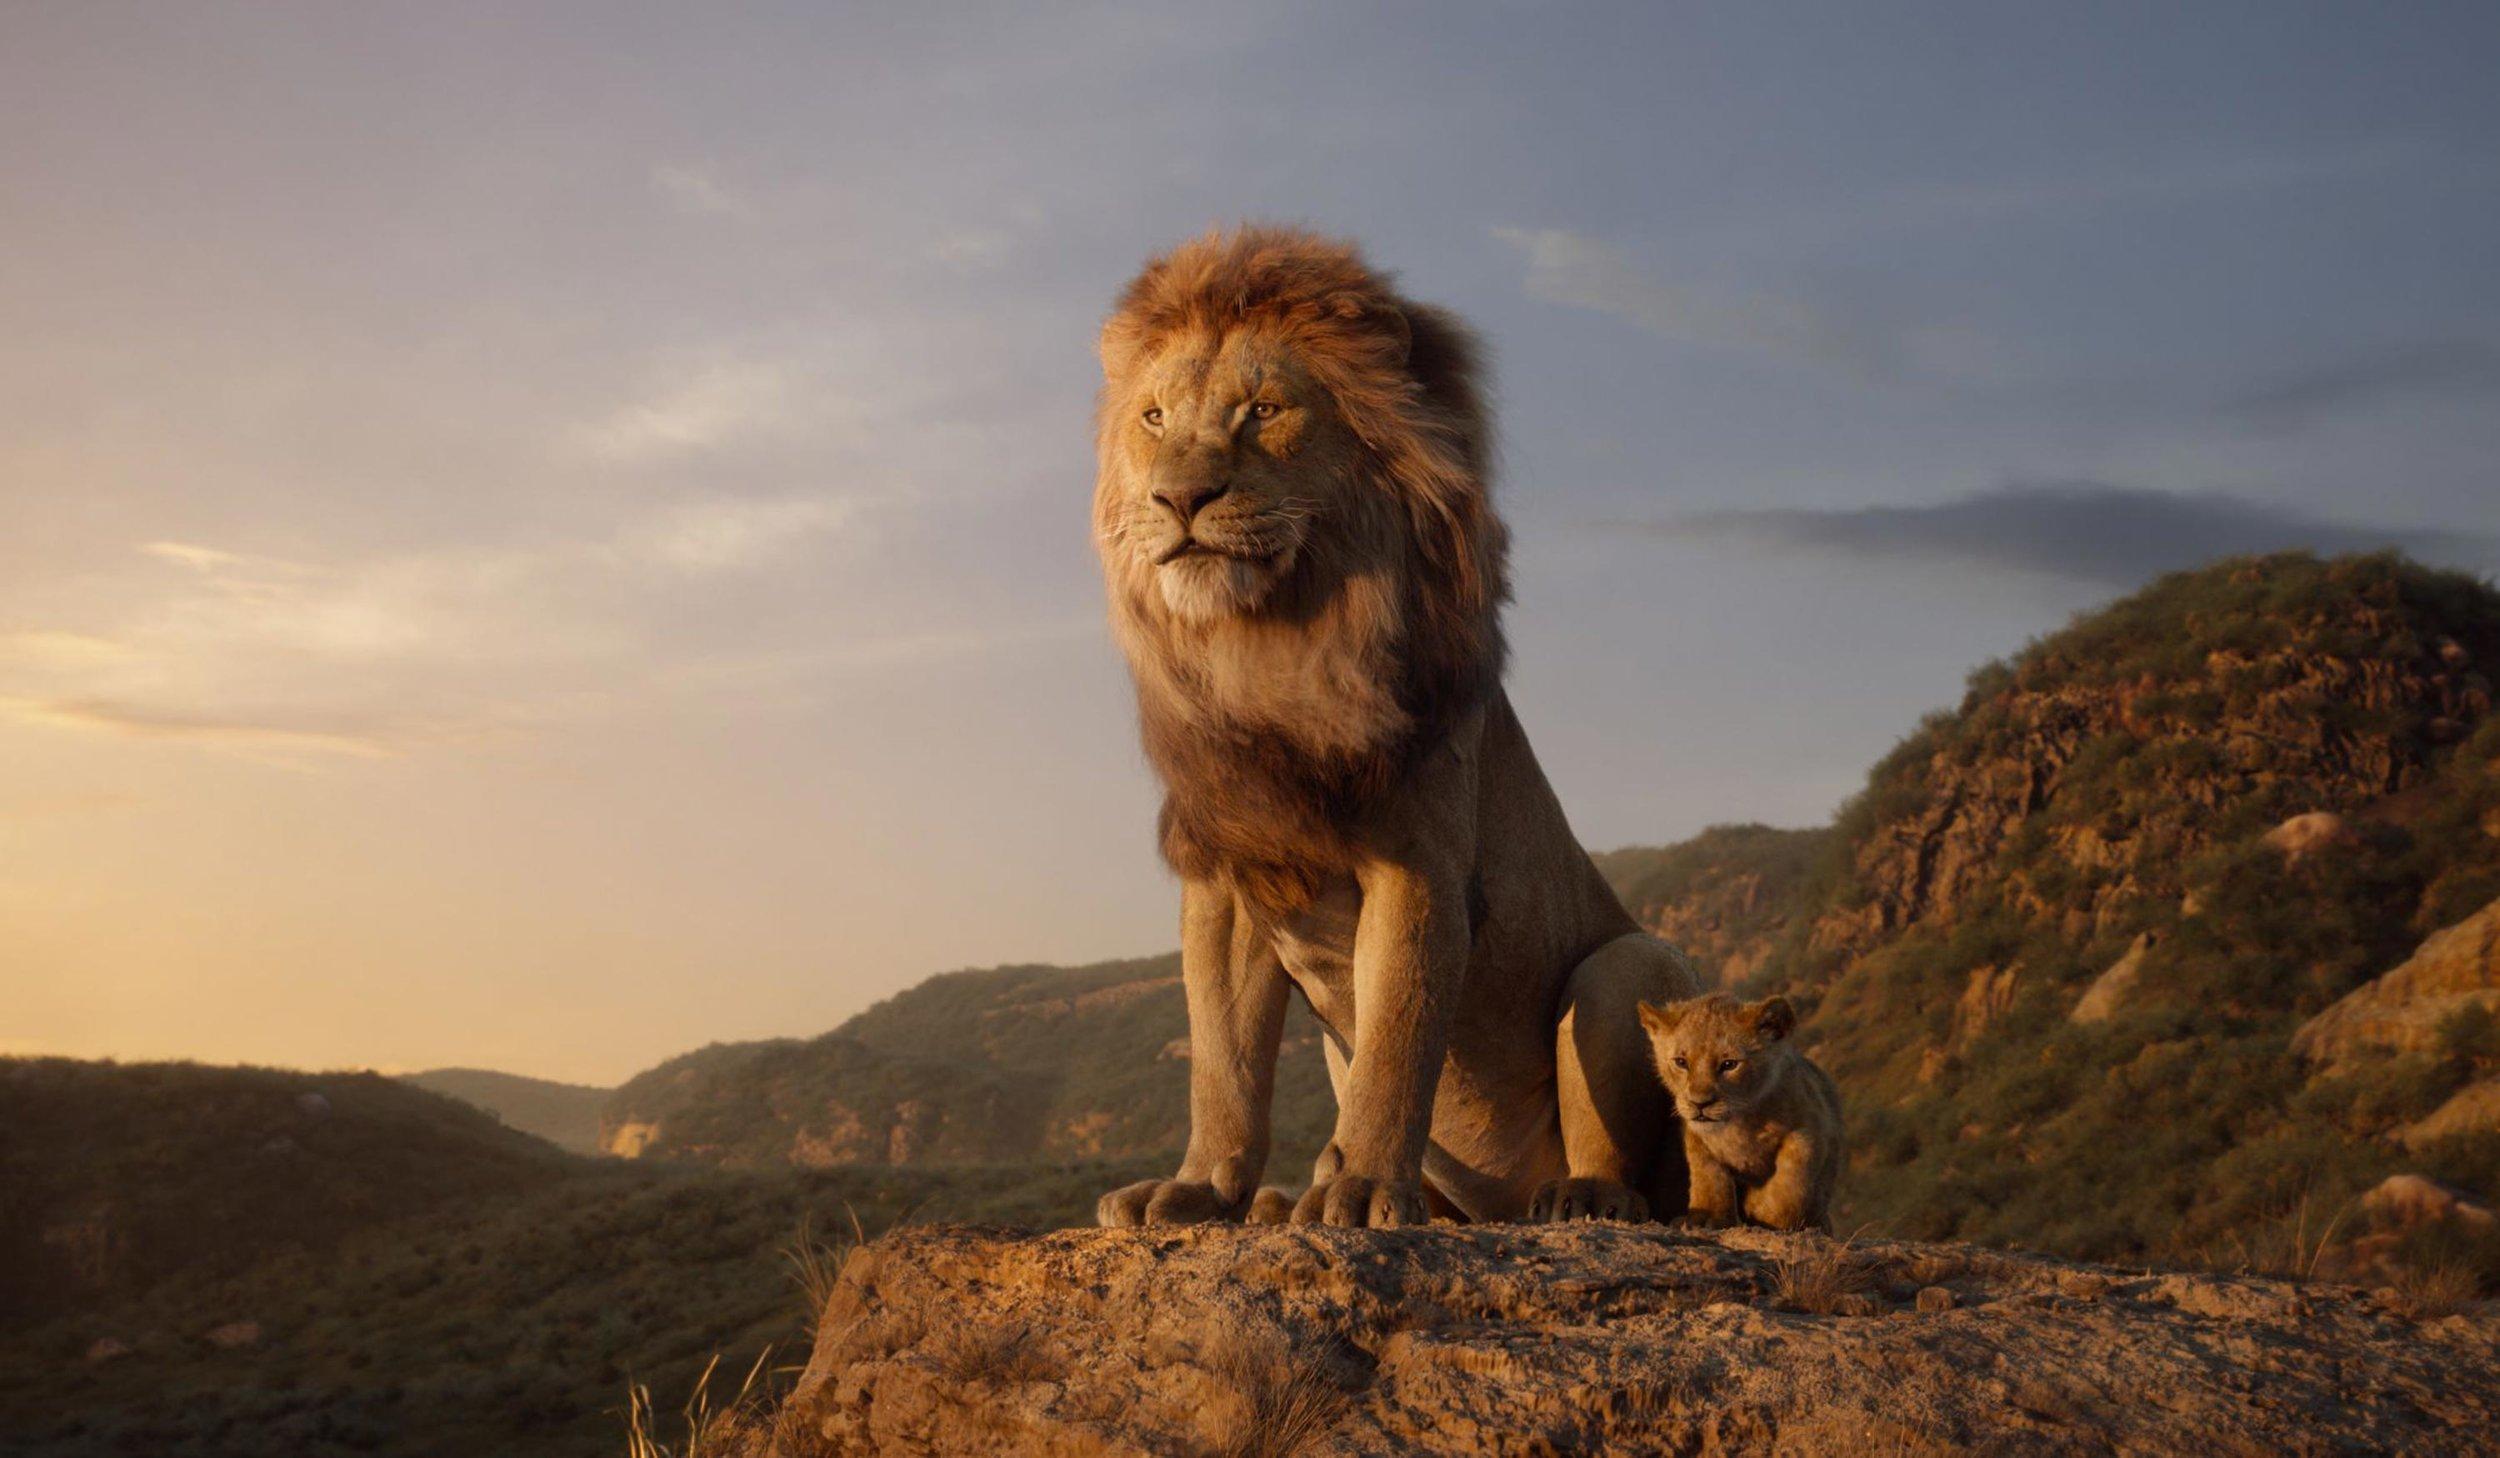 The-Lion-King-Mufasa-and-Simba.jpg